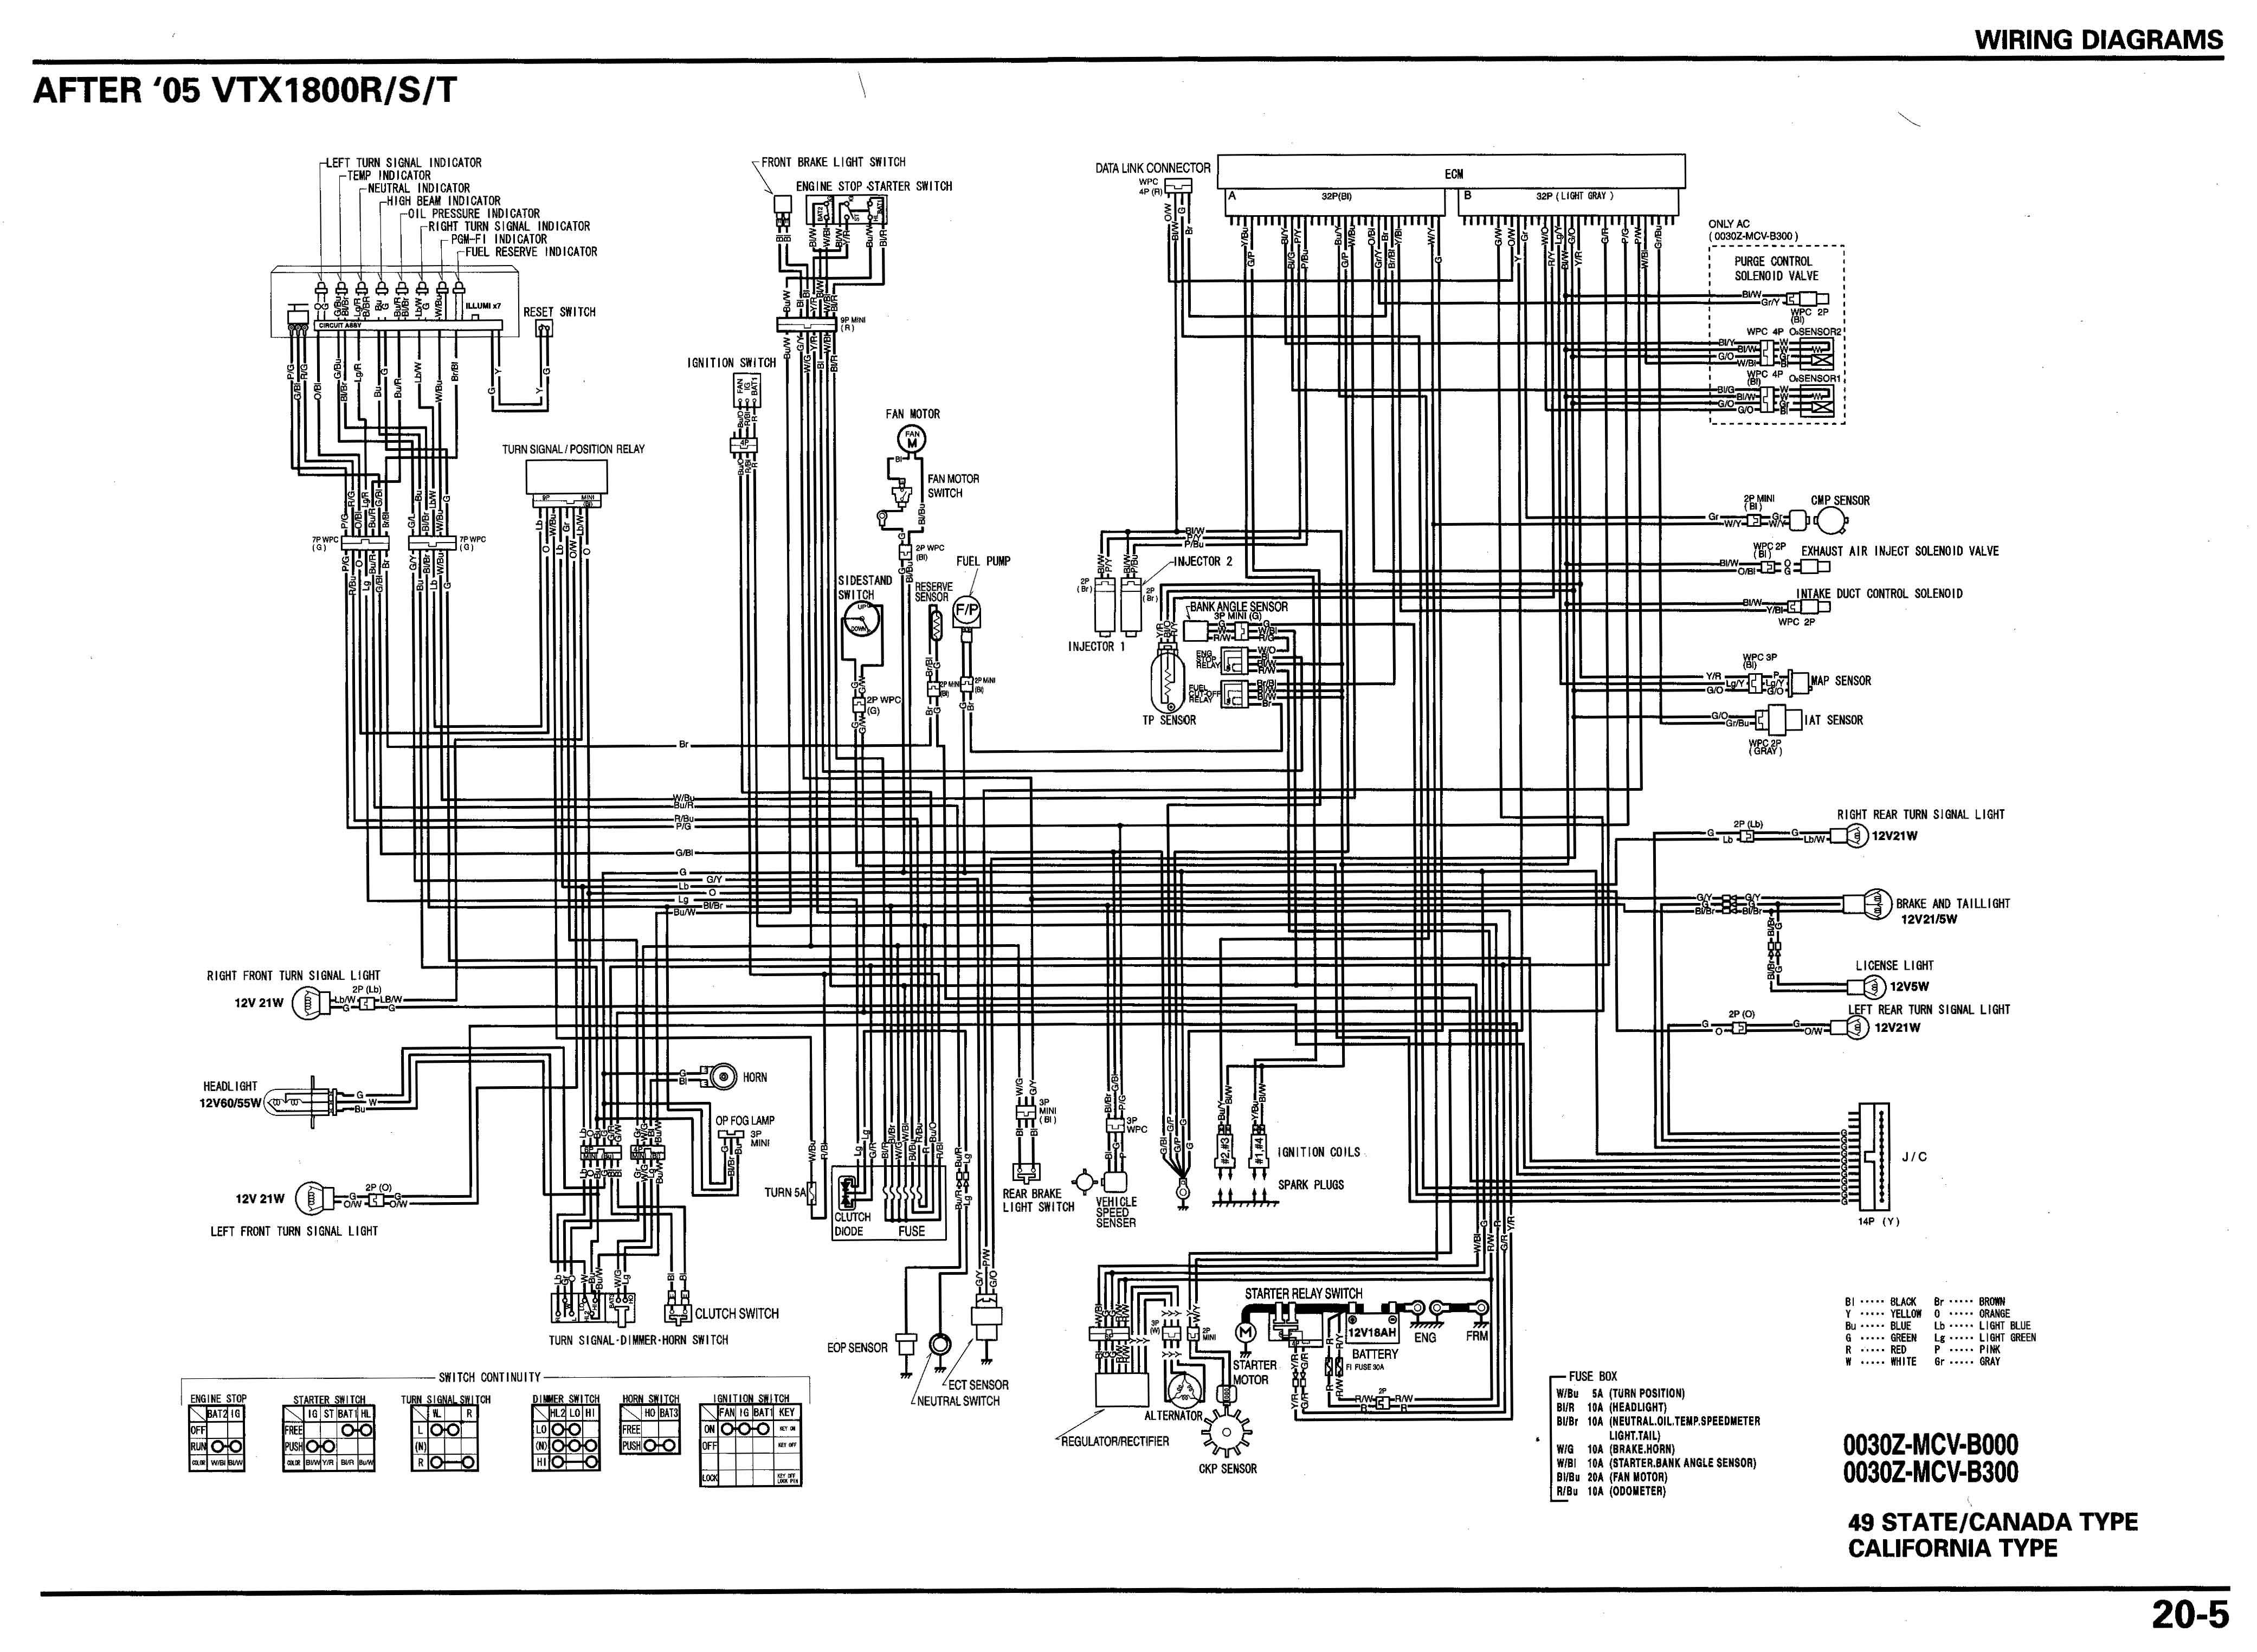 Gl1800 Wiring Diagram For A 1999 Saturn Sl2 Dohc Engine Diagram For Wiring Diagram Schematics